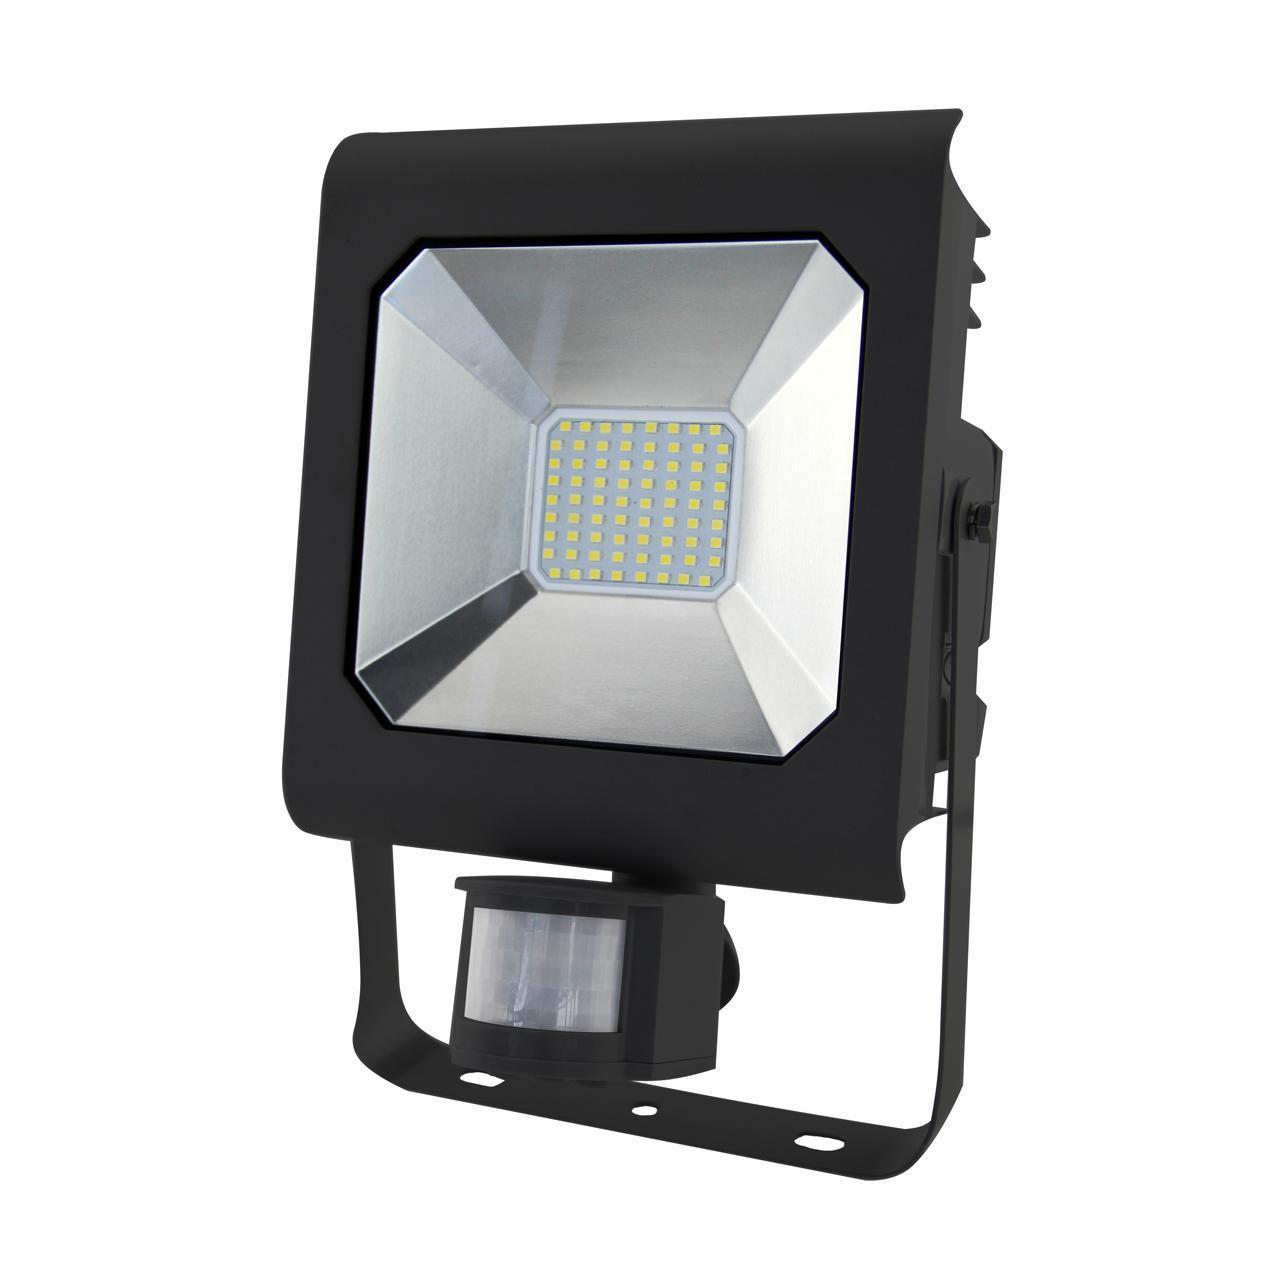 Прожектор Эра LPR-50-4000K-M-SEN SMD PRO, 50 Вт